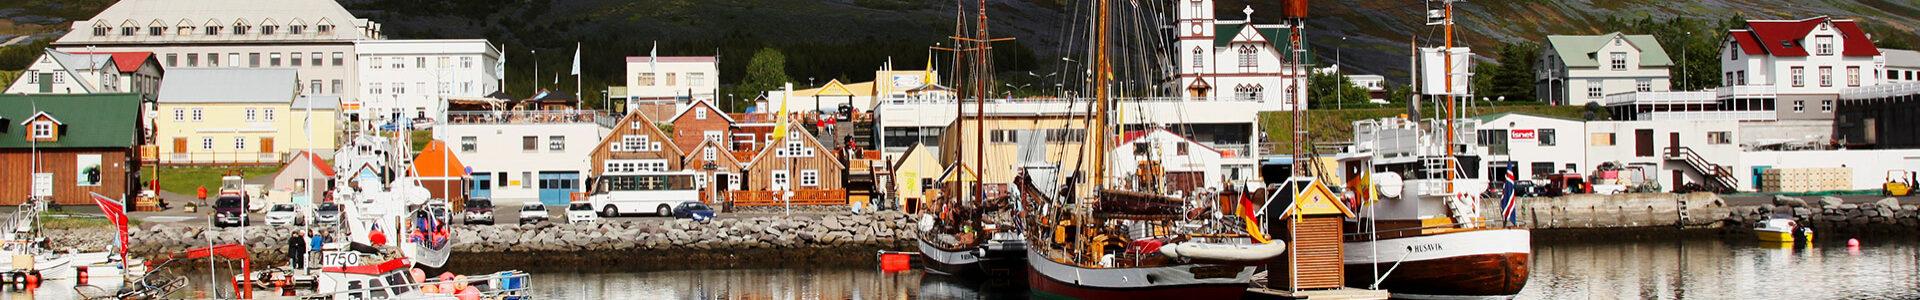 Óskar for Húsavík